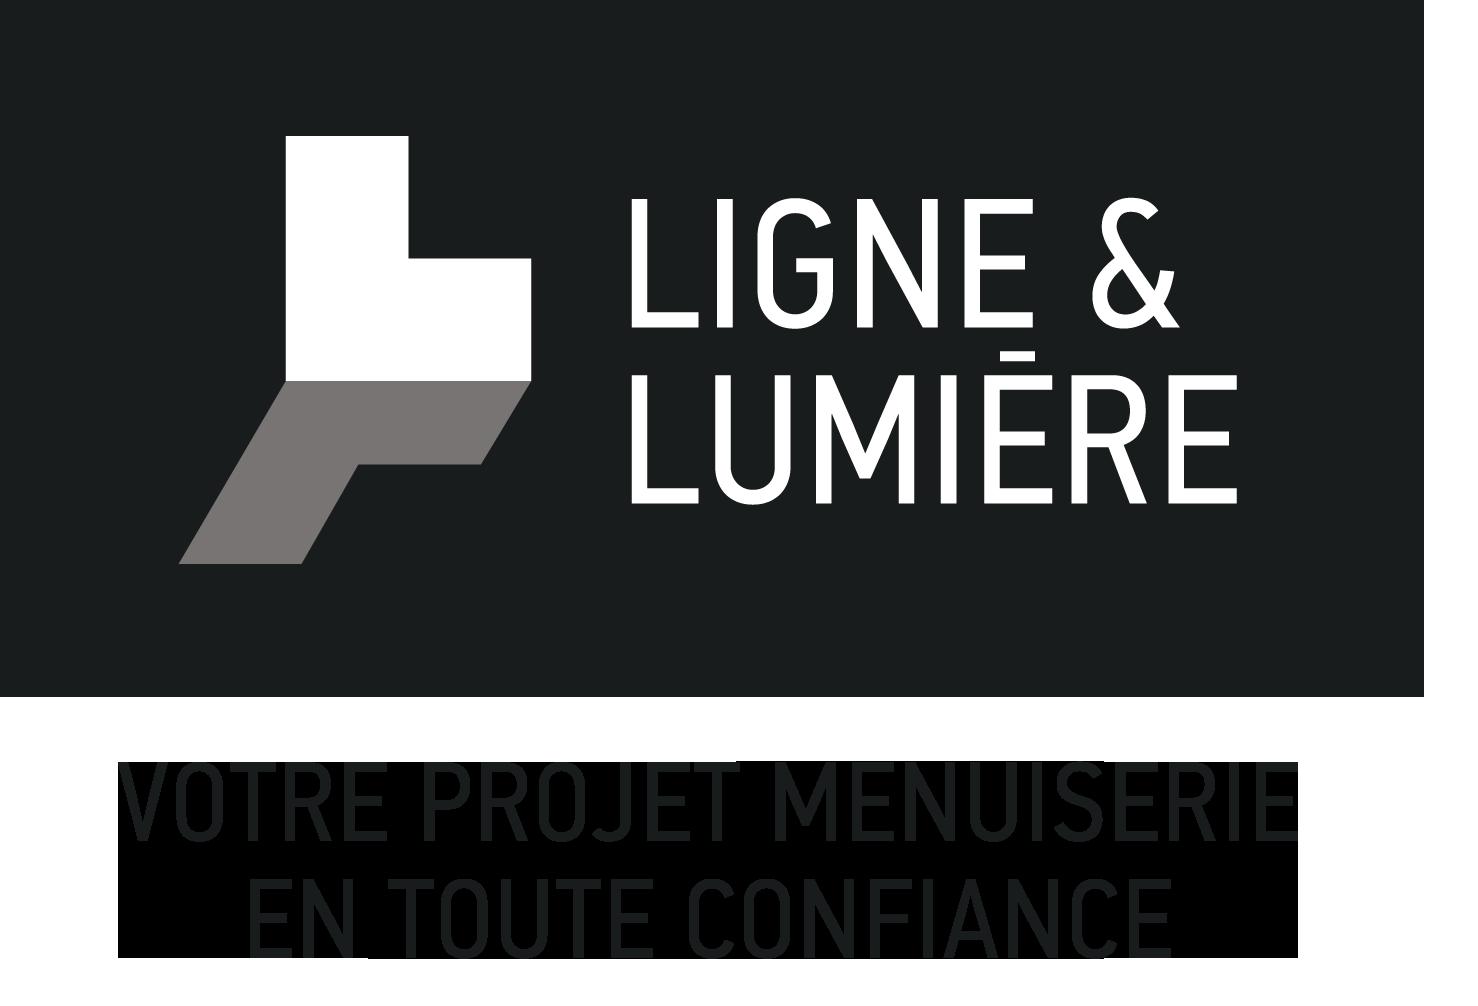 logo ligne et lumiere